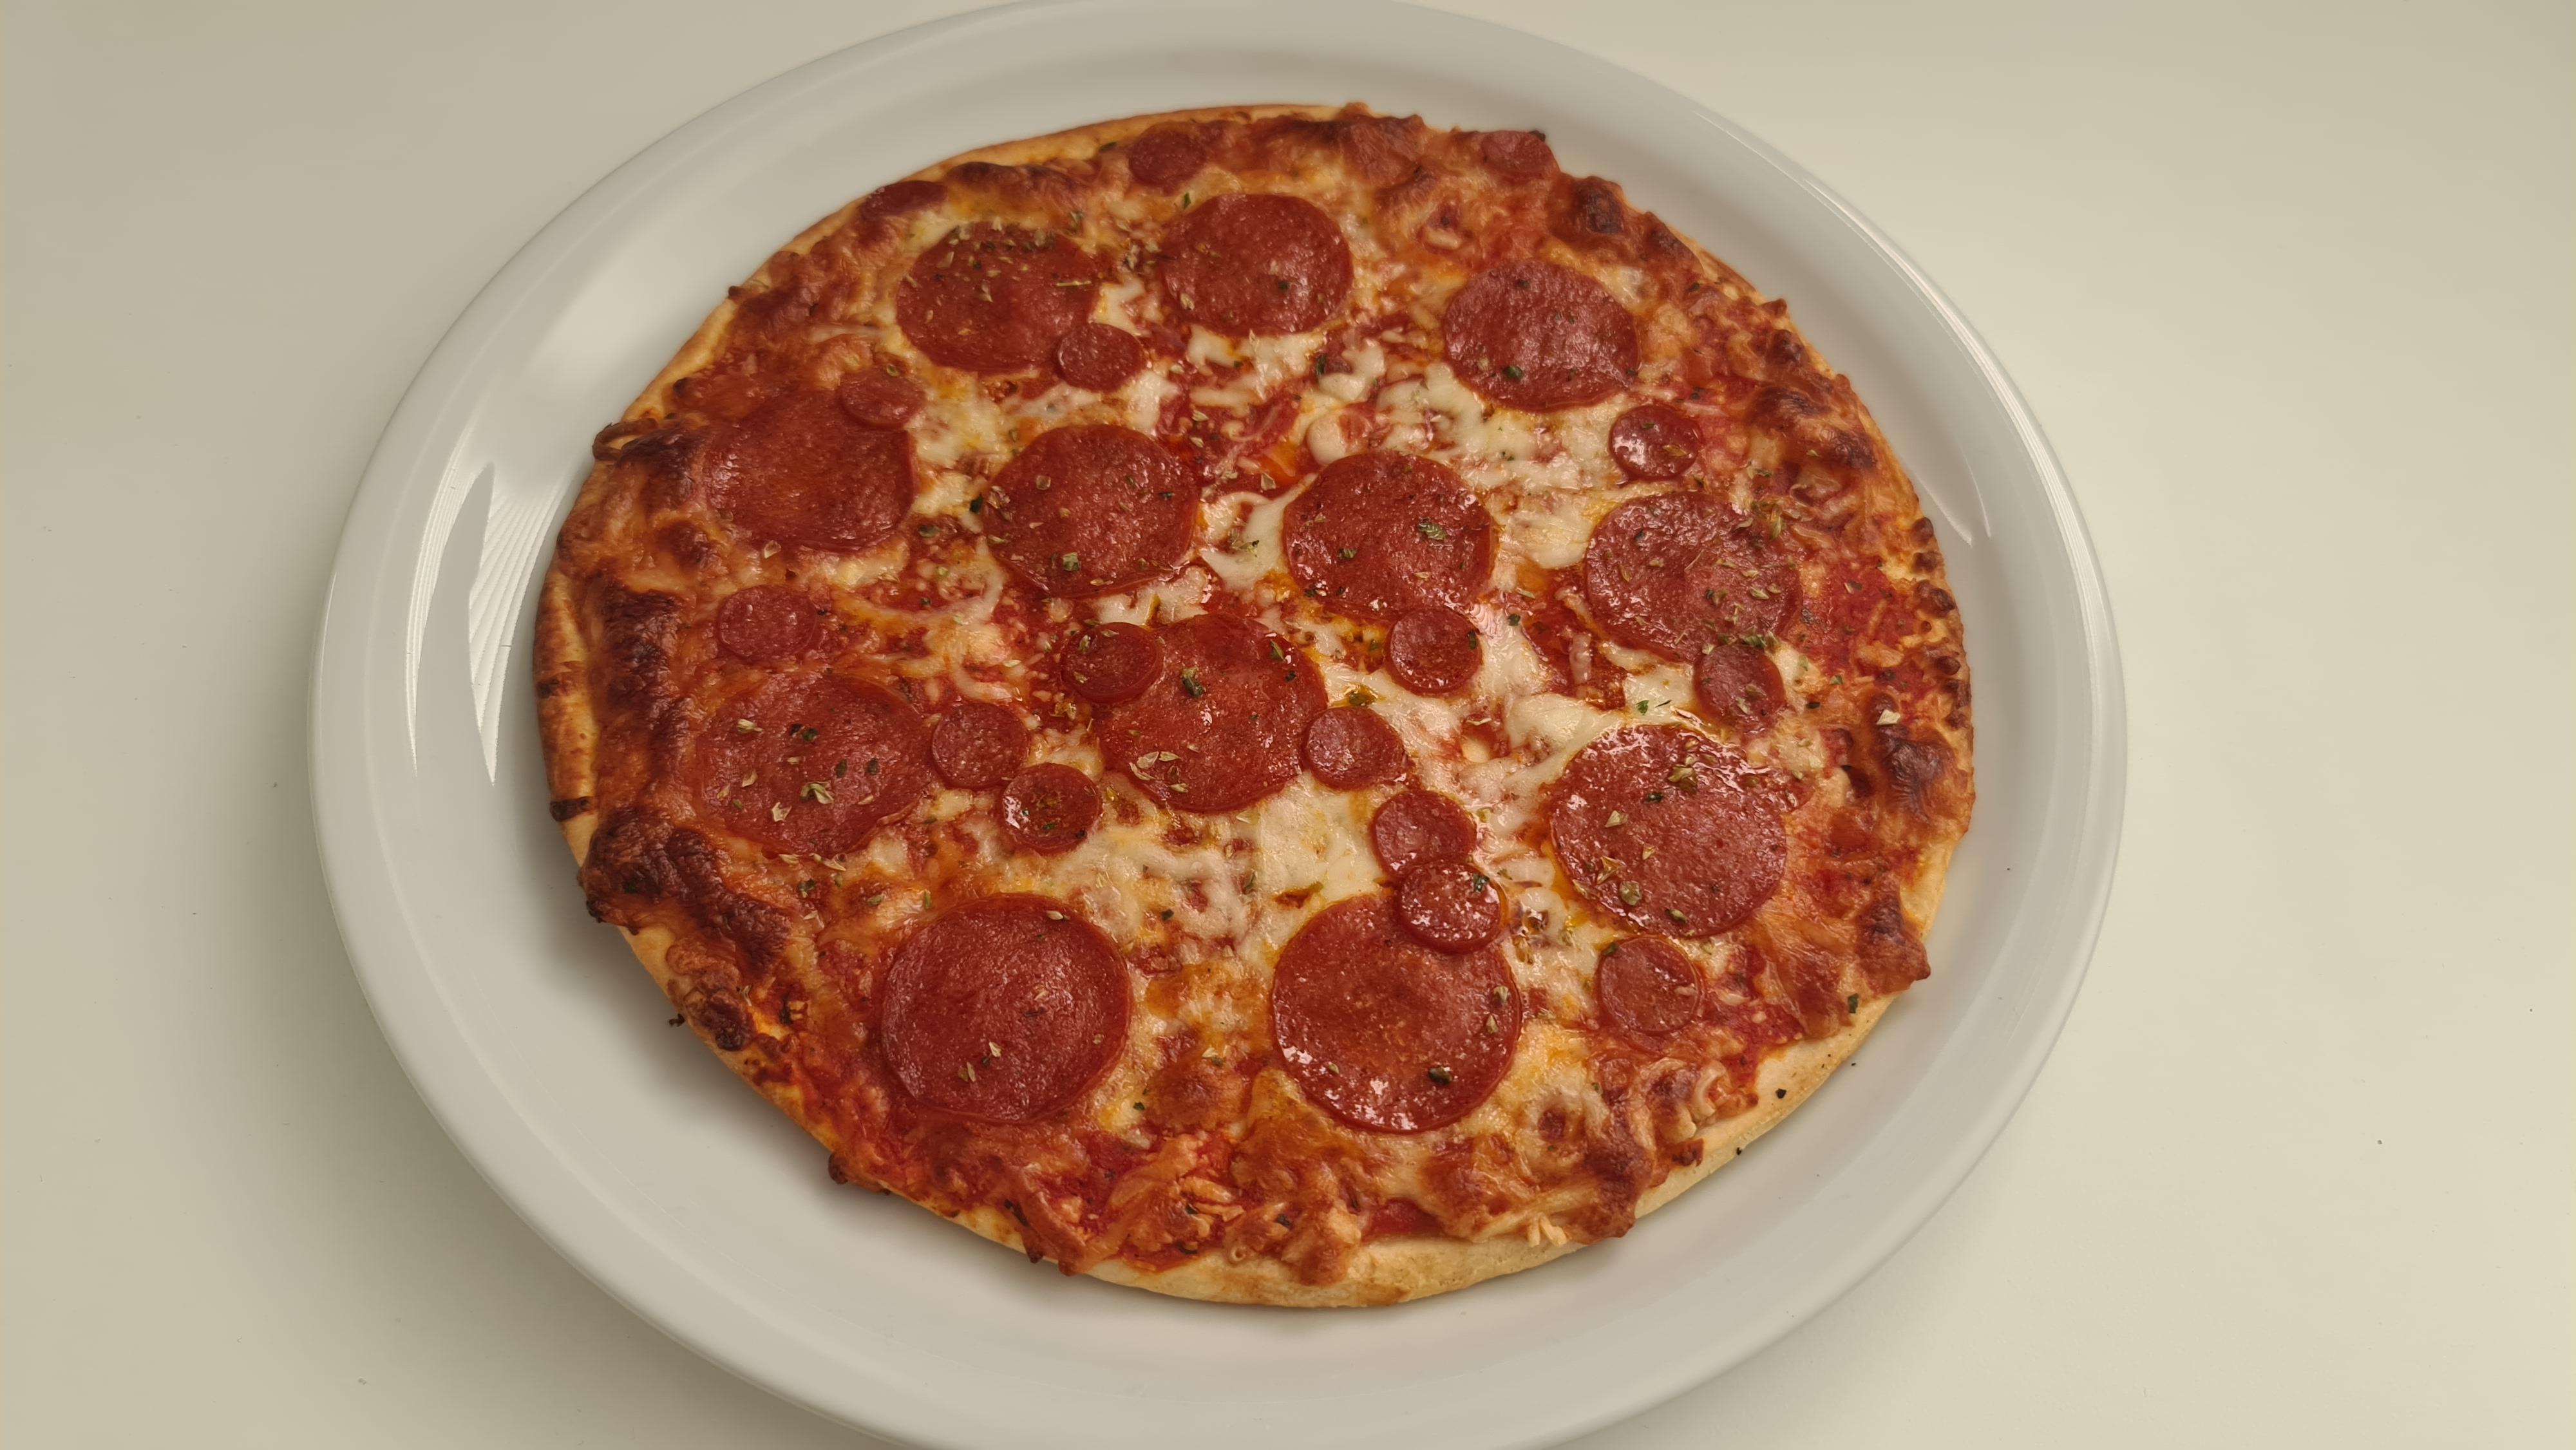 https://foodloader.net/Holz_2020-06-25_Pizza.jpg